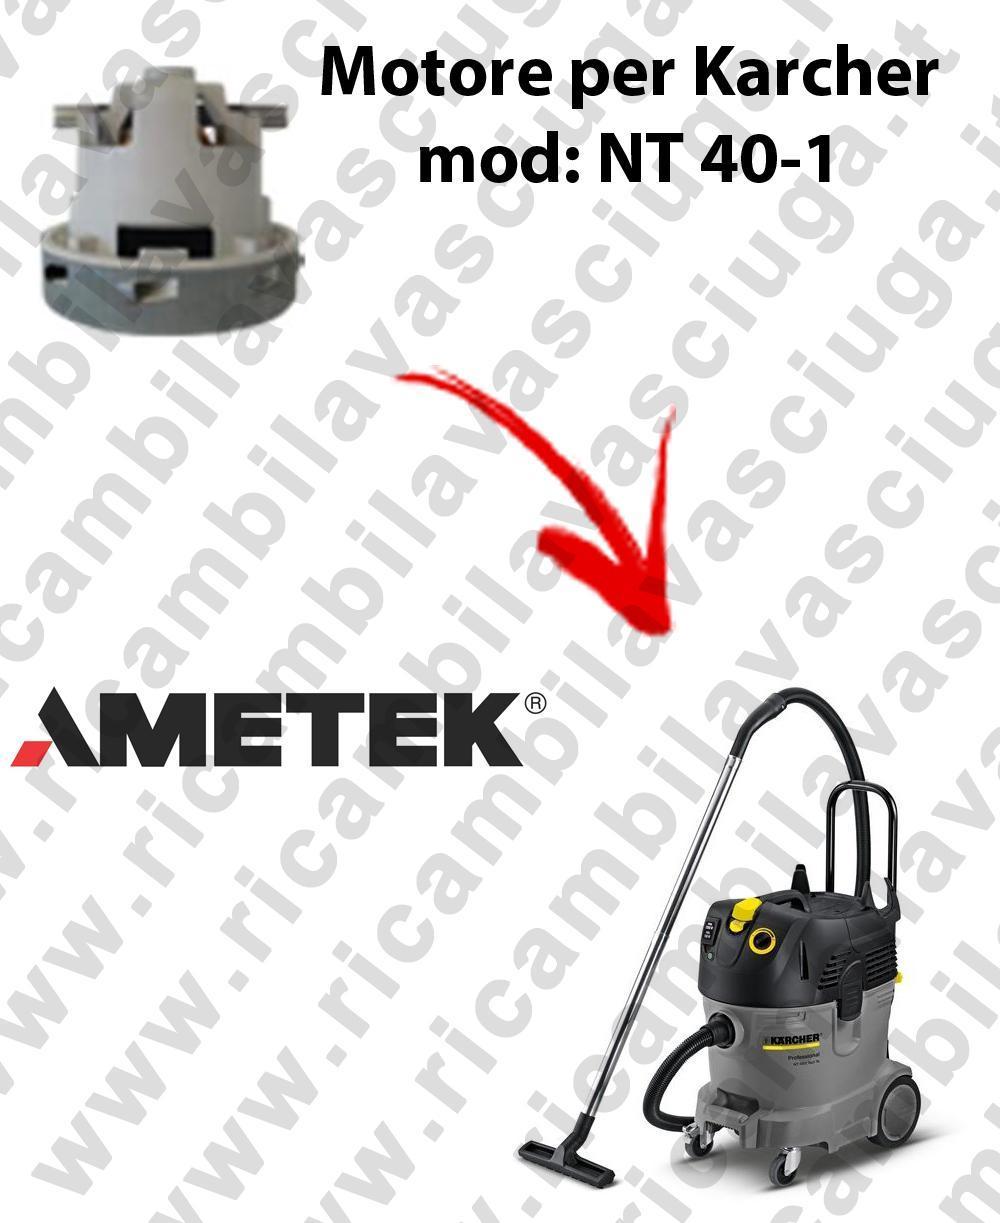 NT 40-1 Motore de aspiración AMETEK para aspiradora KERCHER